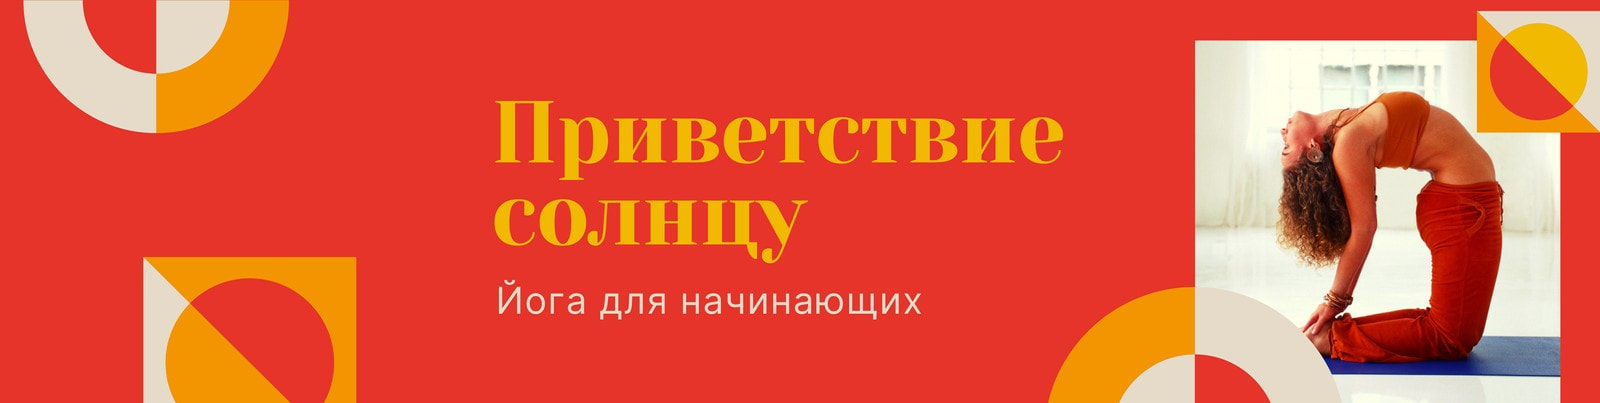 Красная обложка группы ВК с фотографией и геометрическим рисунком